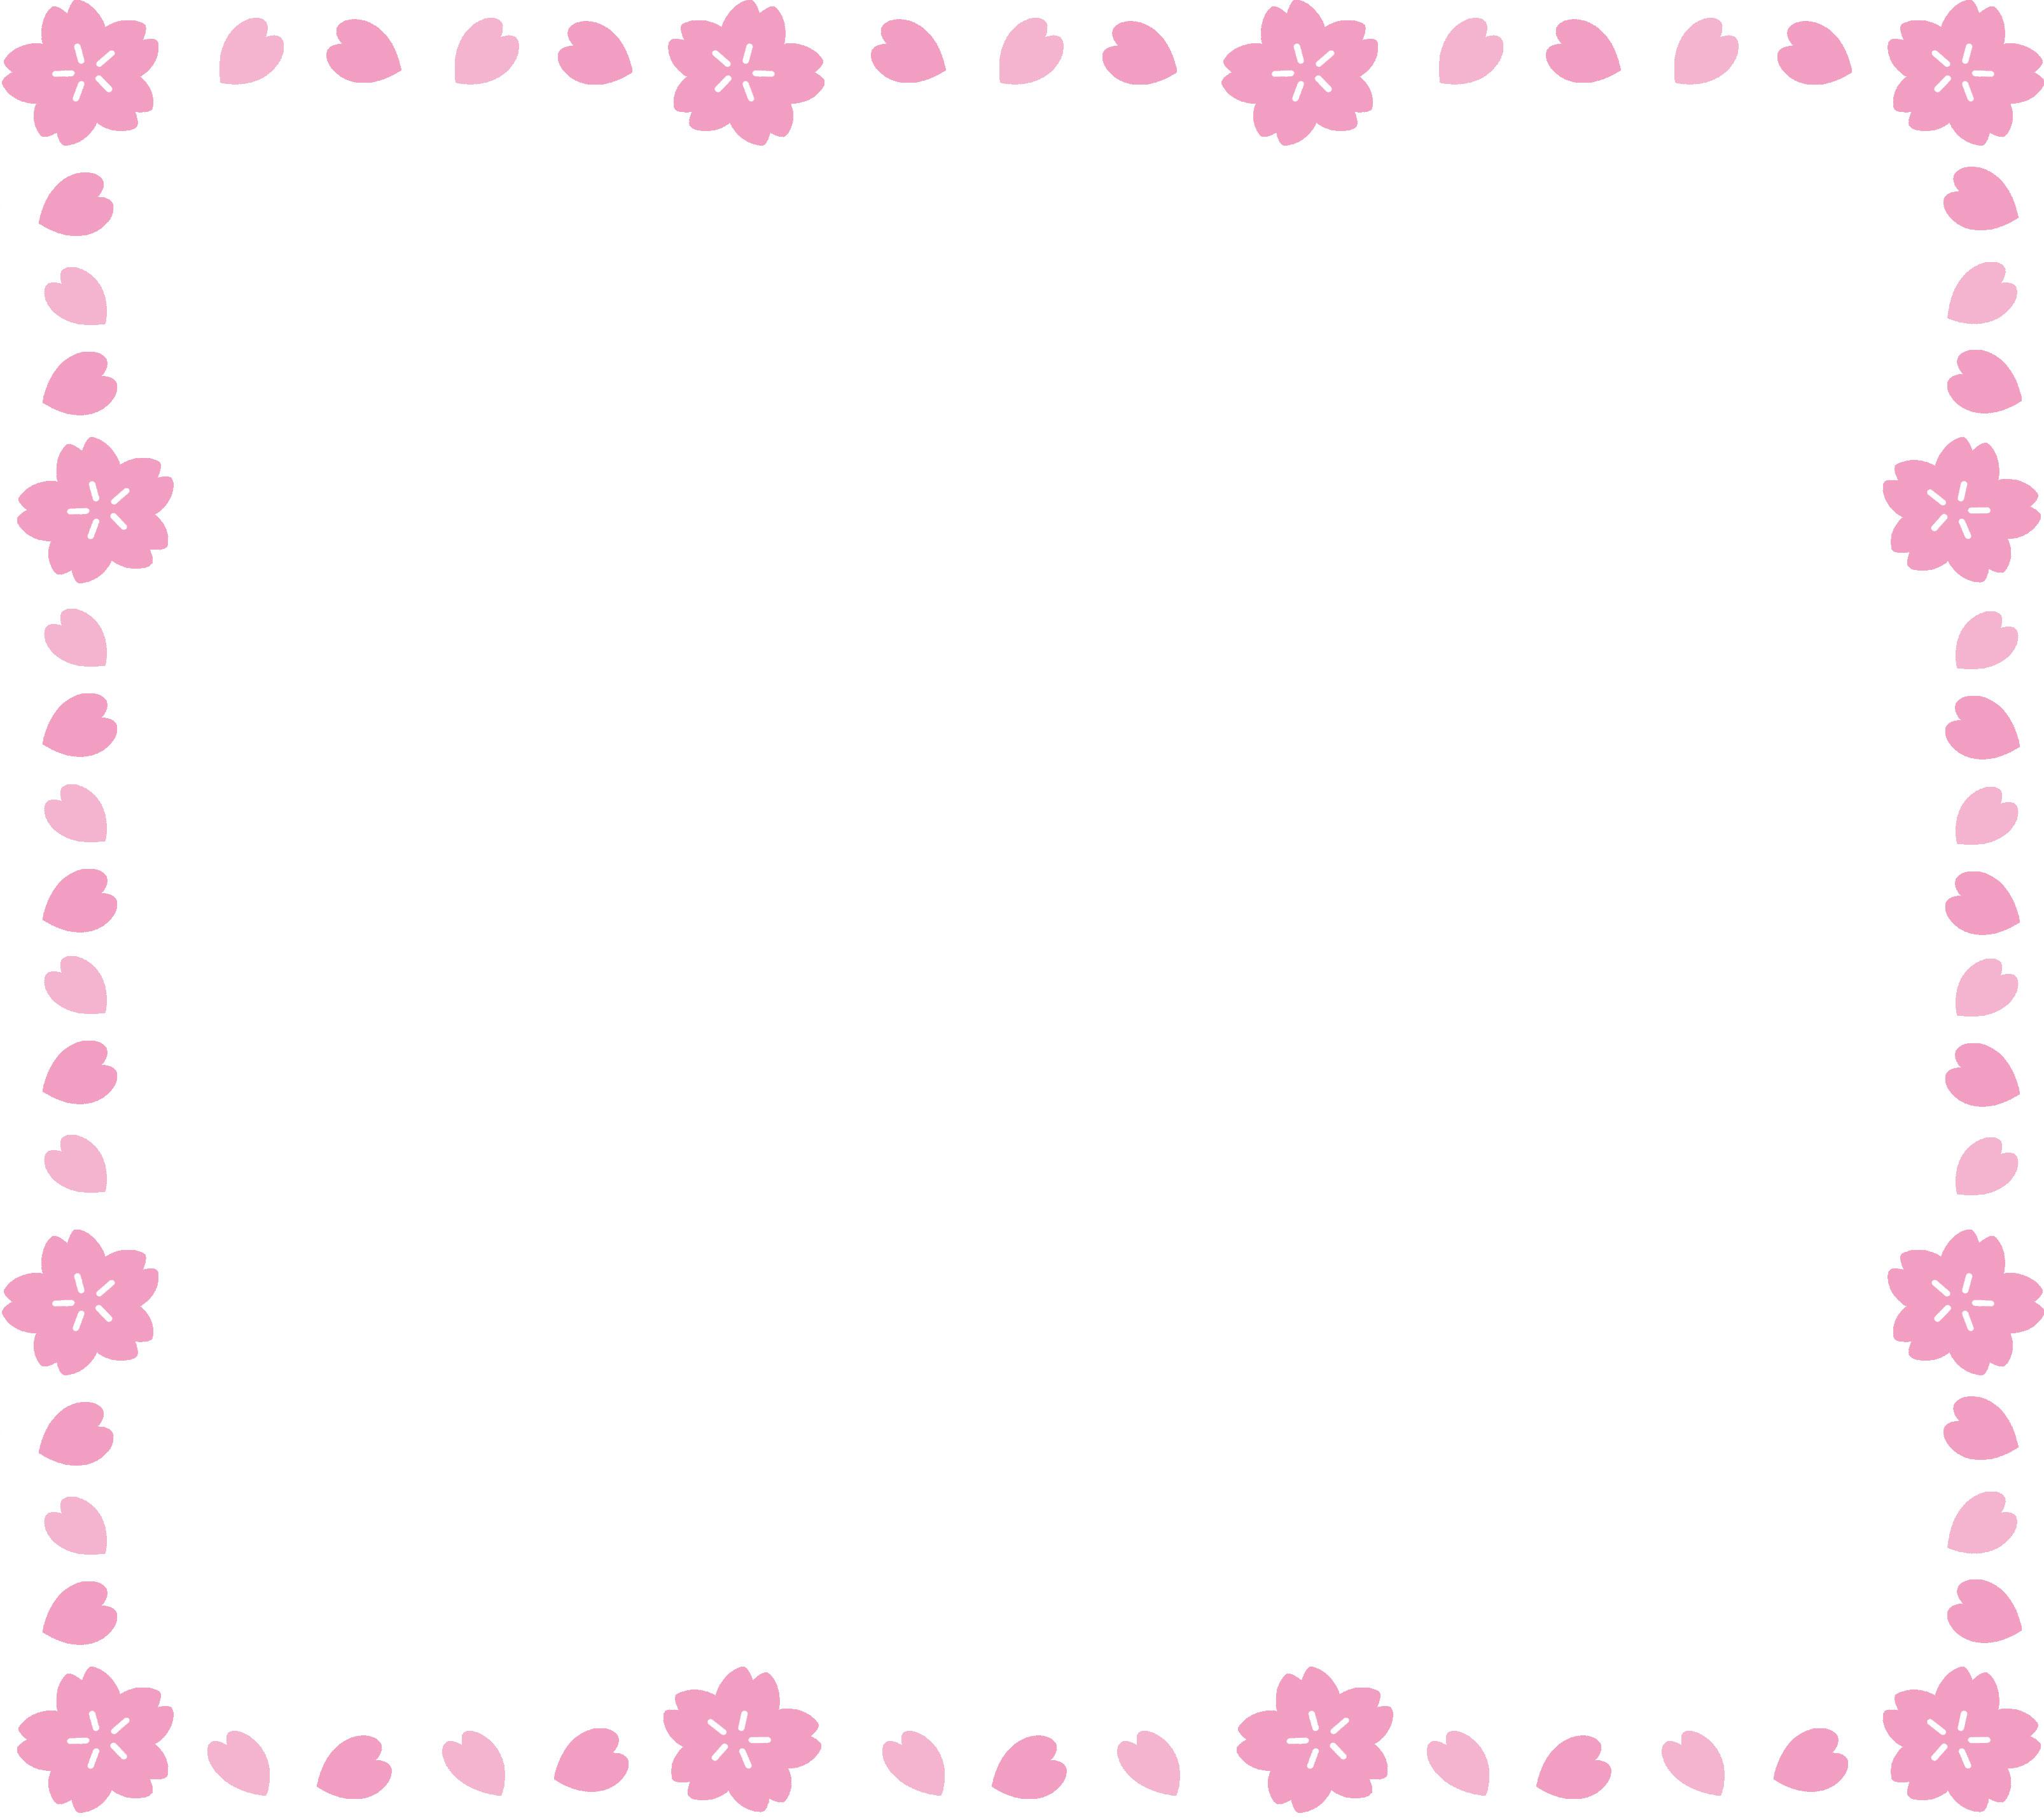 イラスト素材 桜フレーム pictures to pin on pinterest